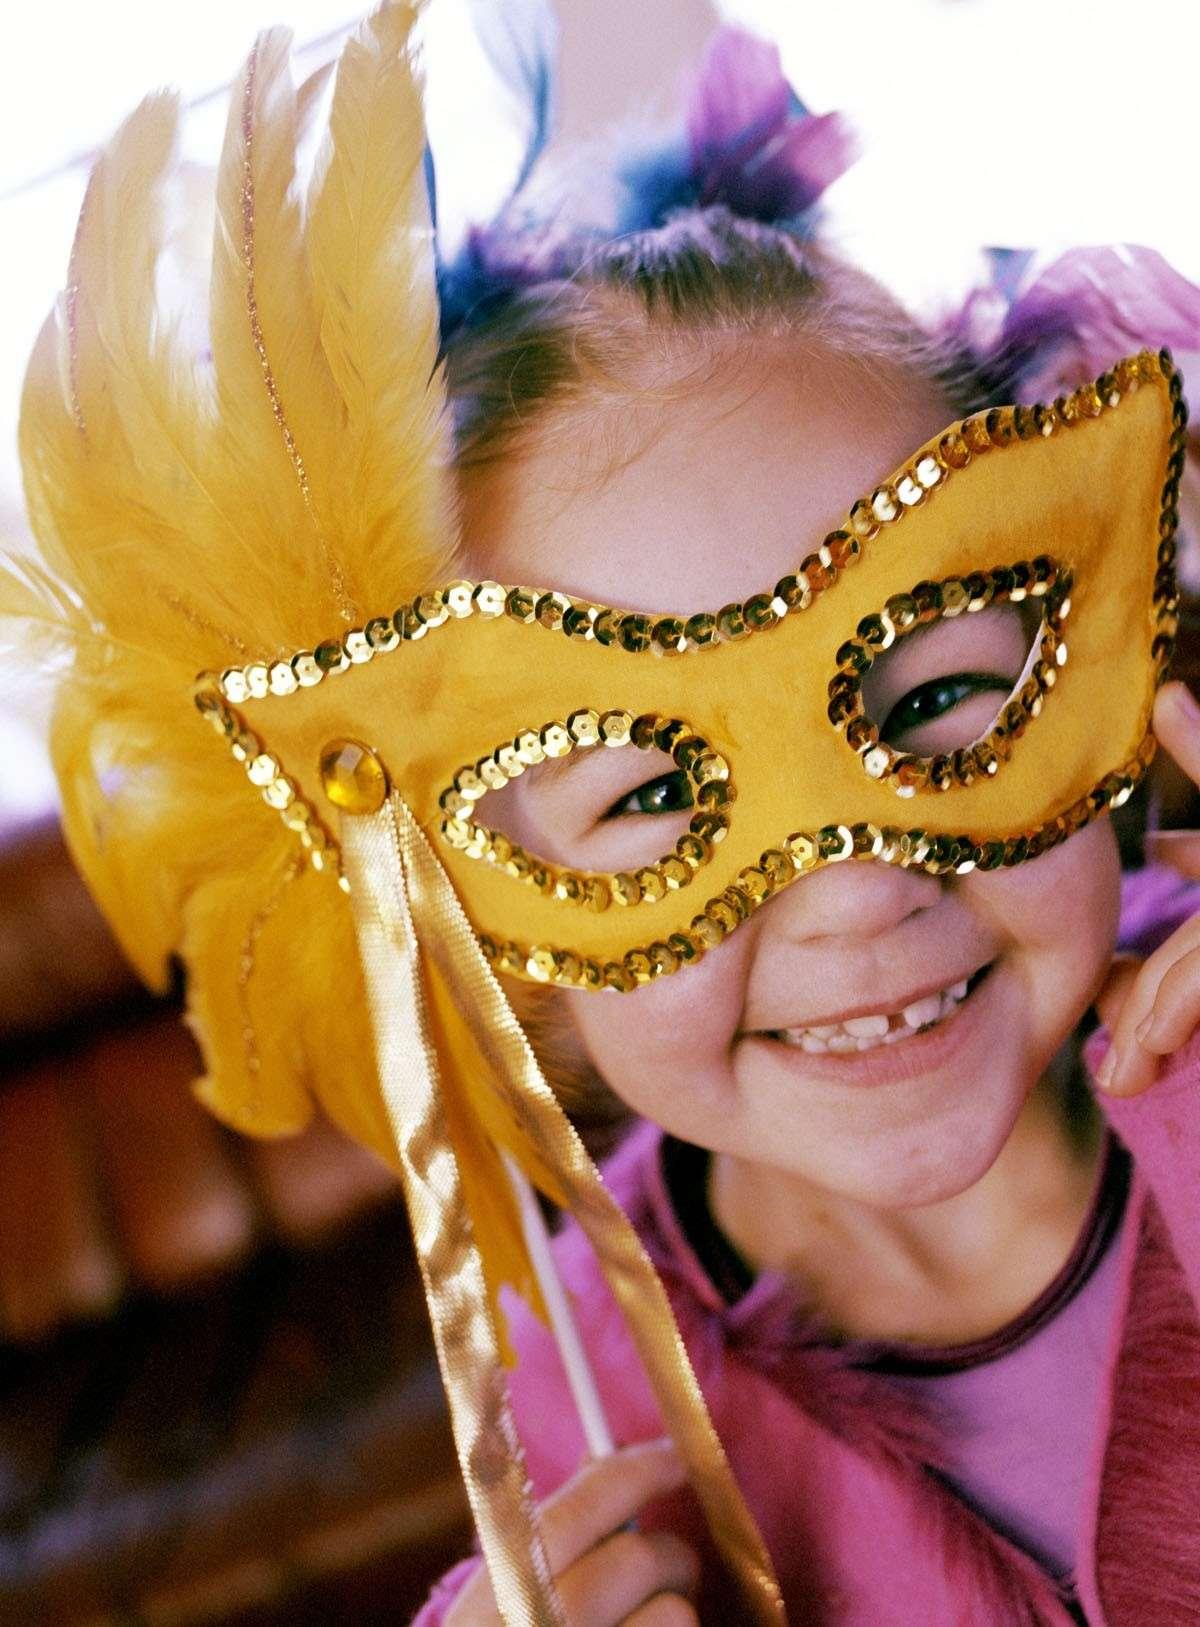 Festa in maschera per bambini